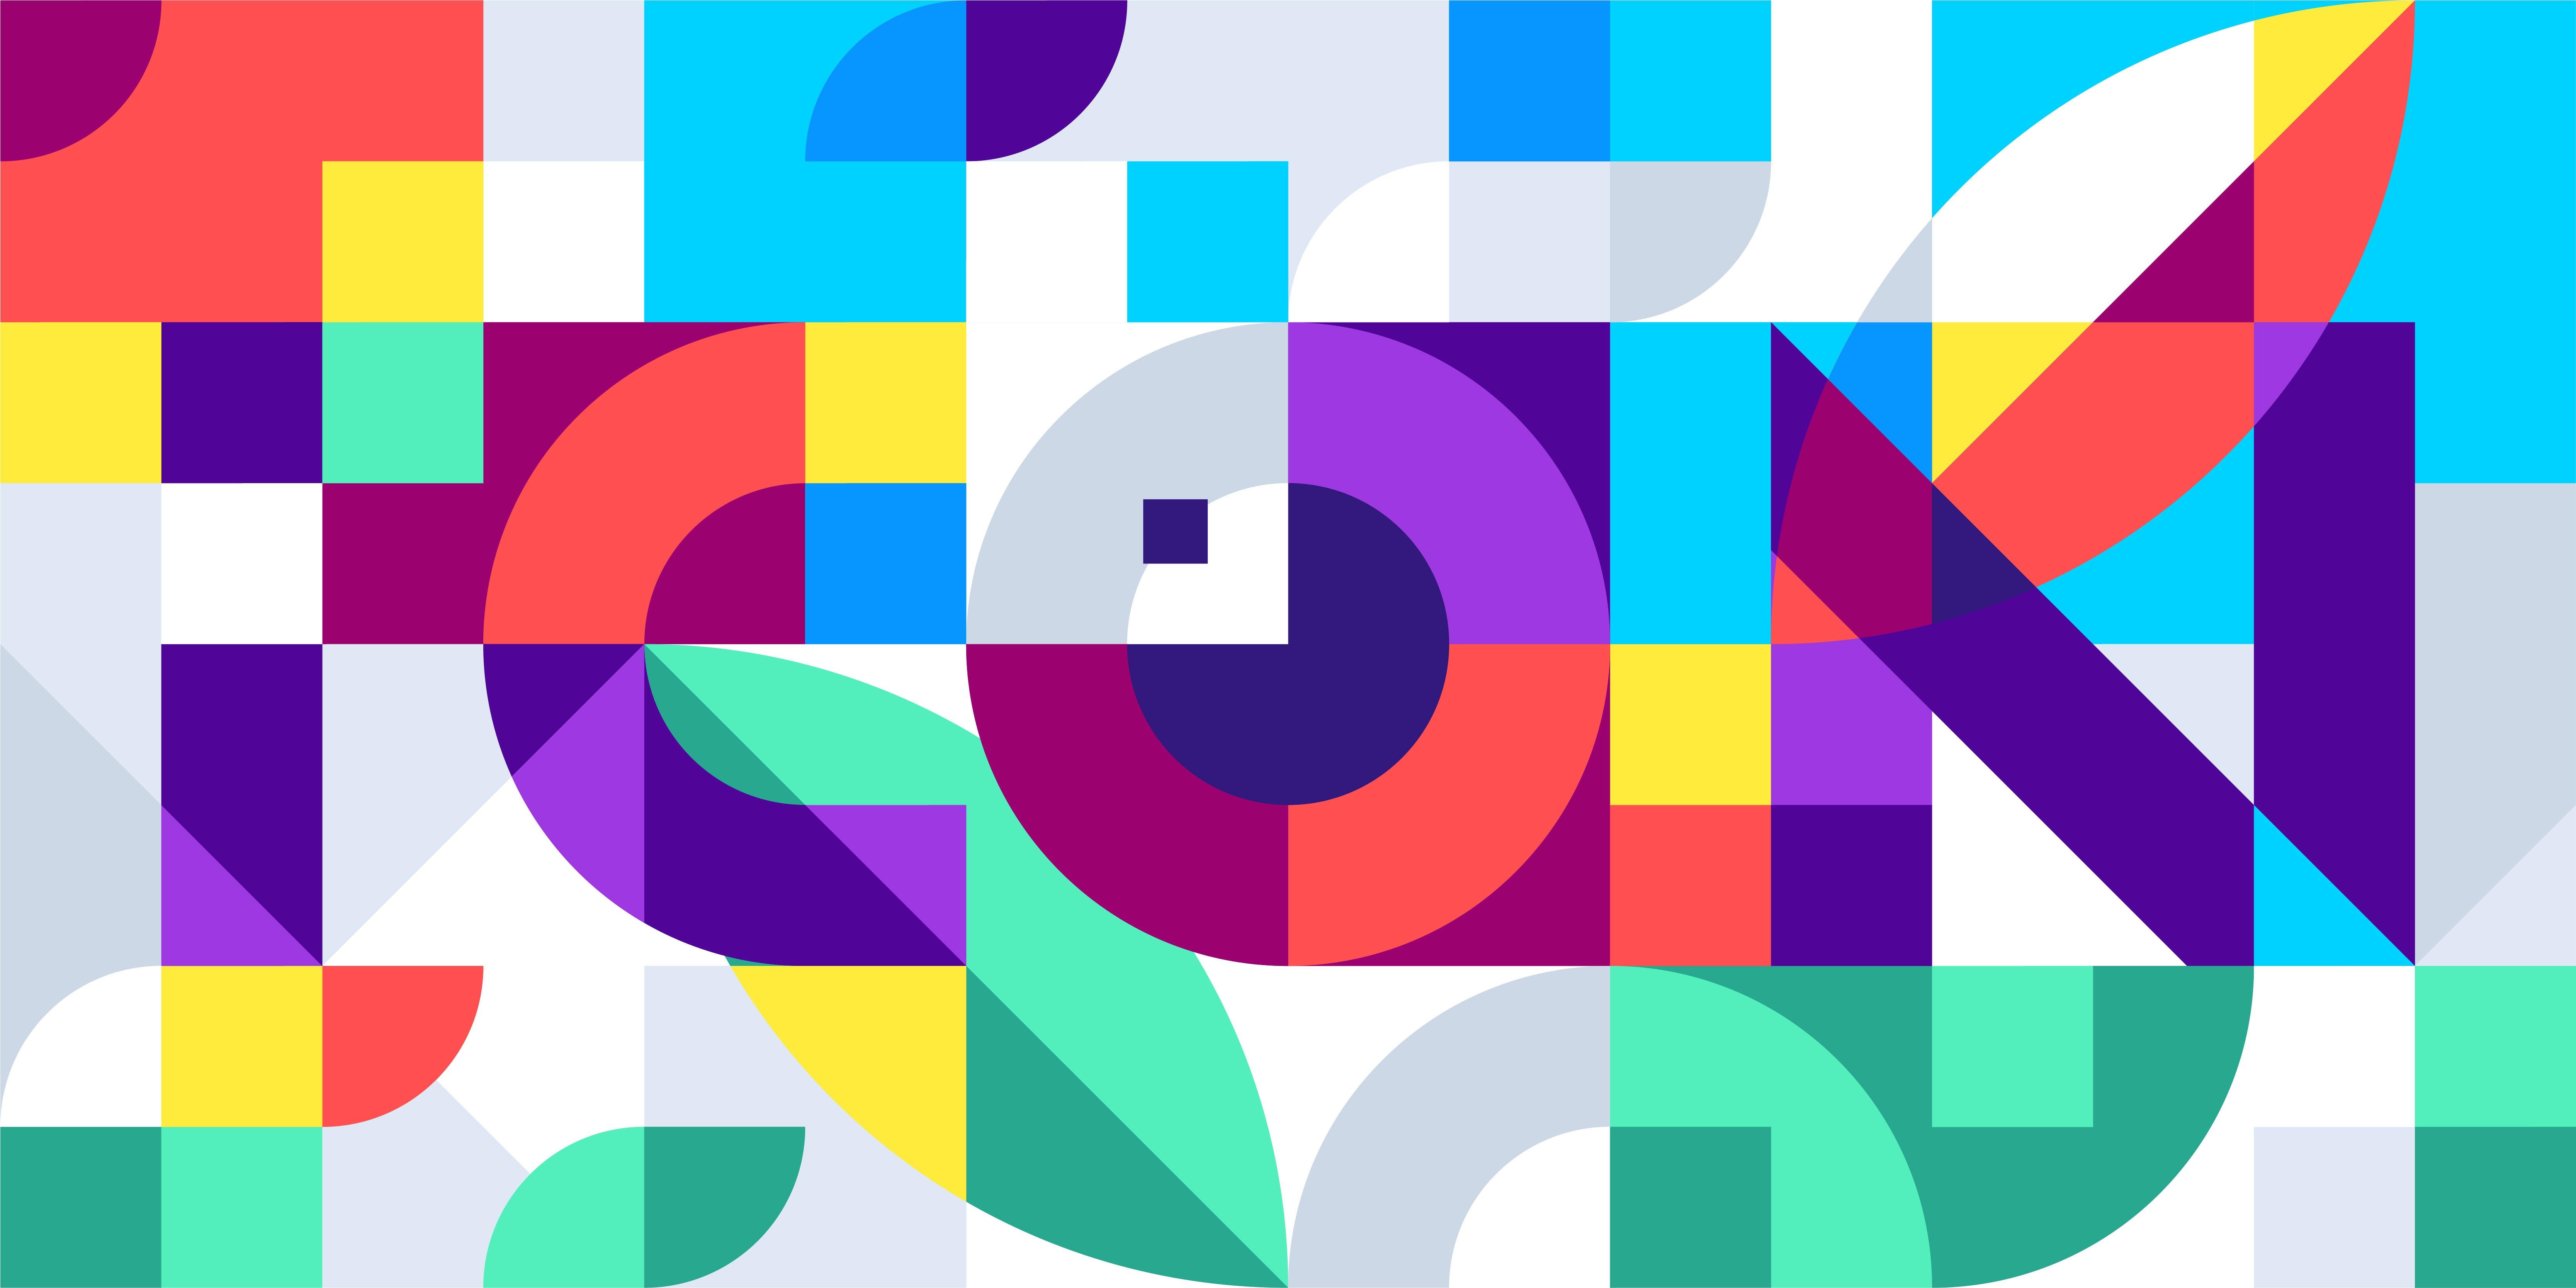 Iconfinder Designer Report Q2 2019 The Iconfinder Blog